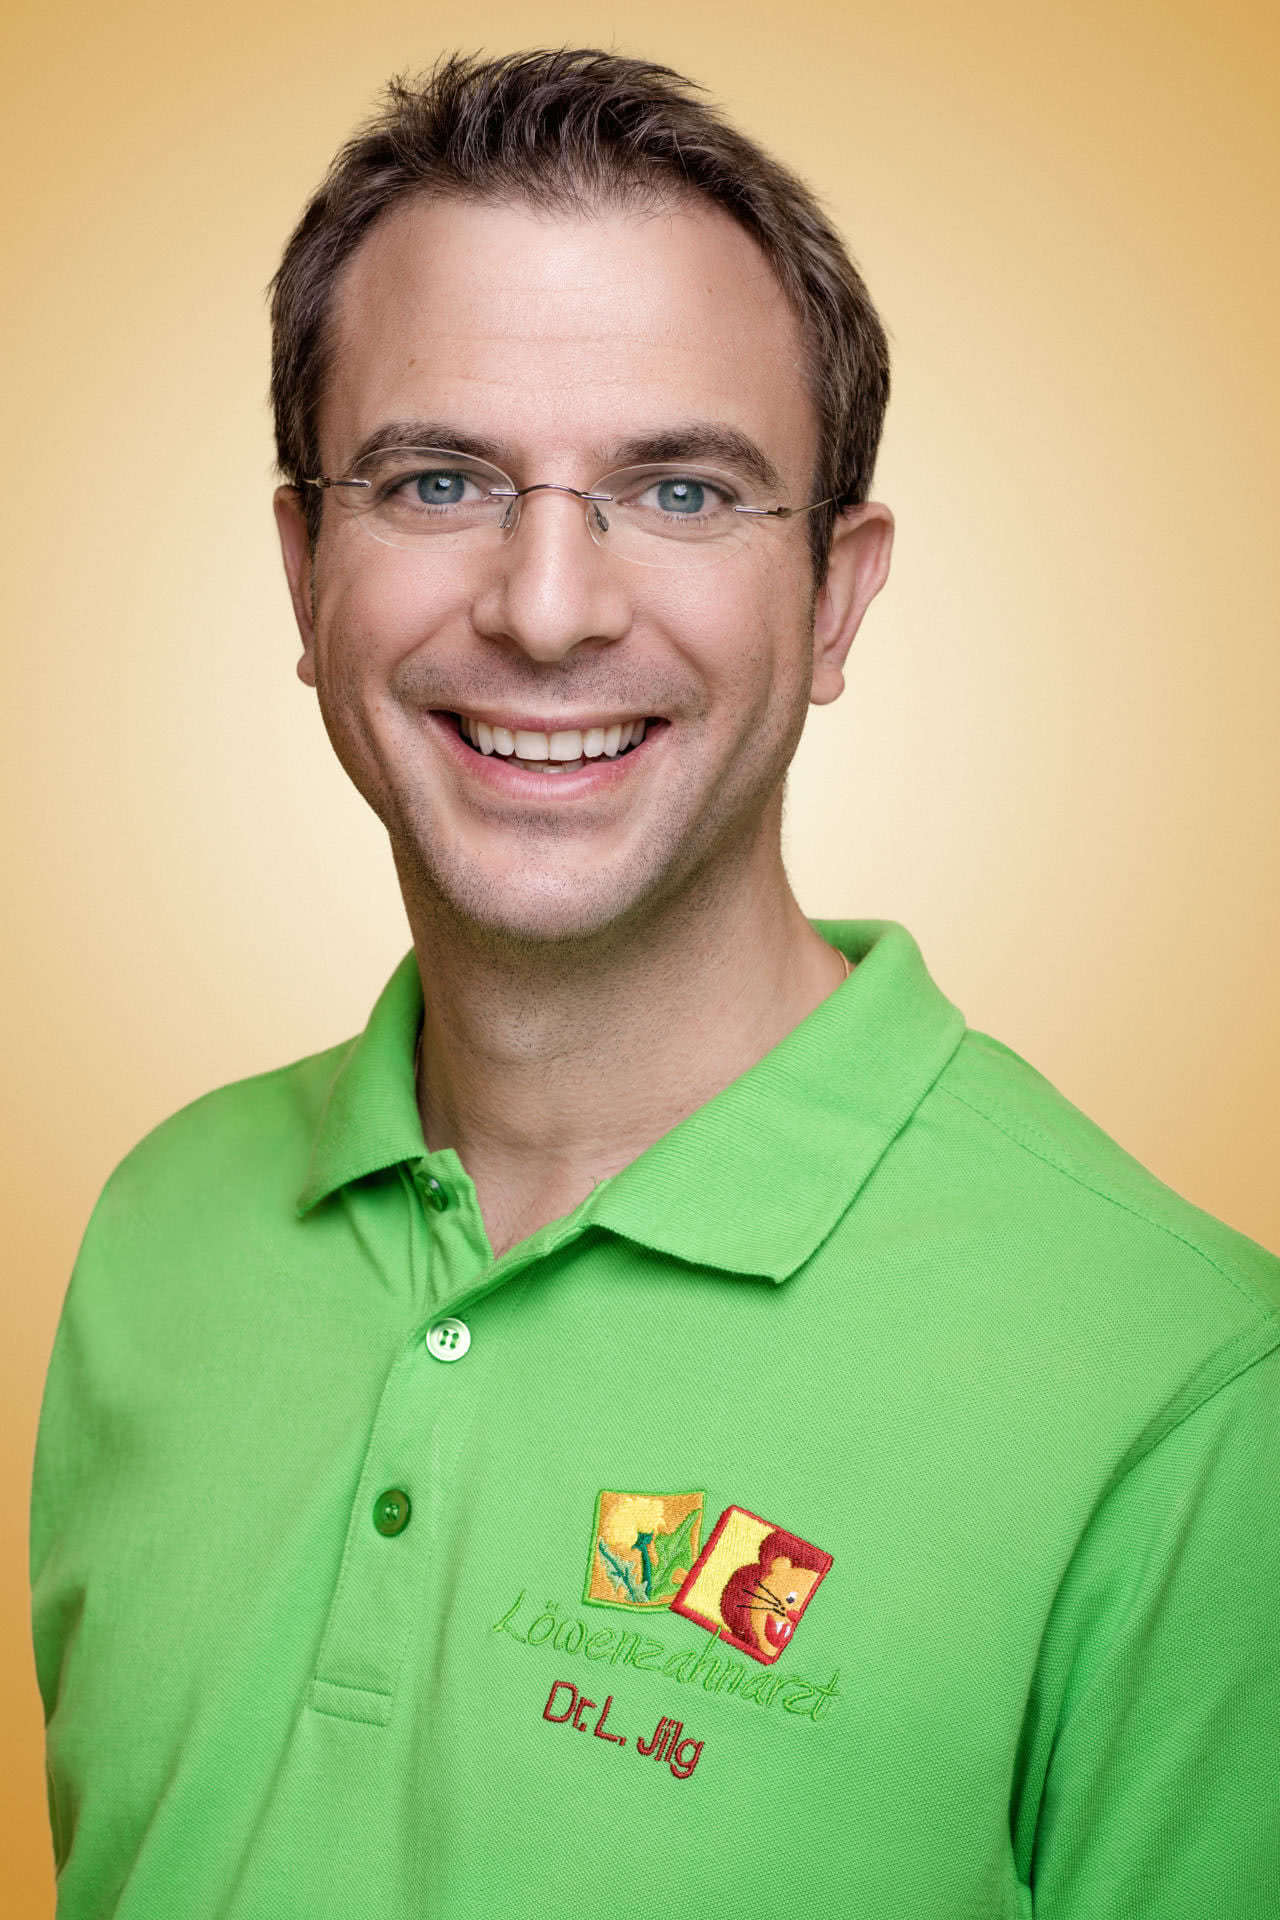 Lustiger Kinderzahnarzt Dr. Levin Jilg